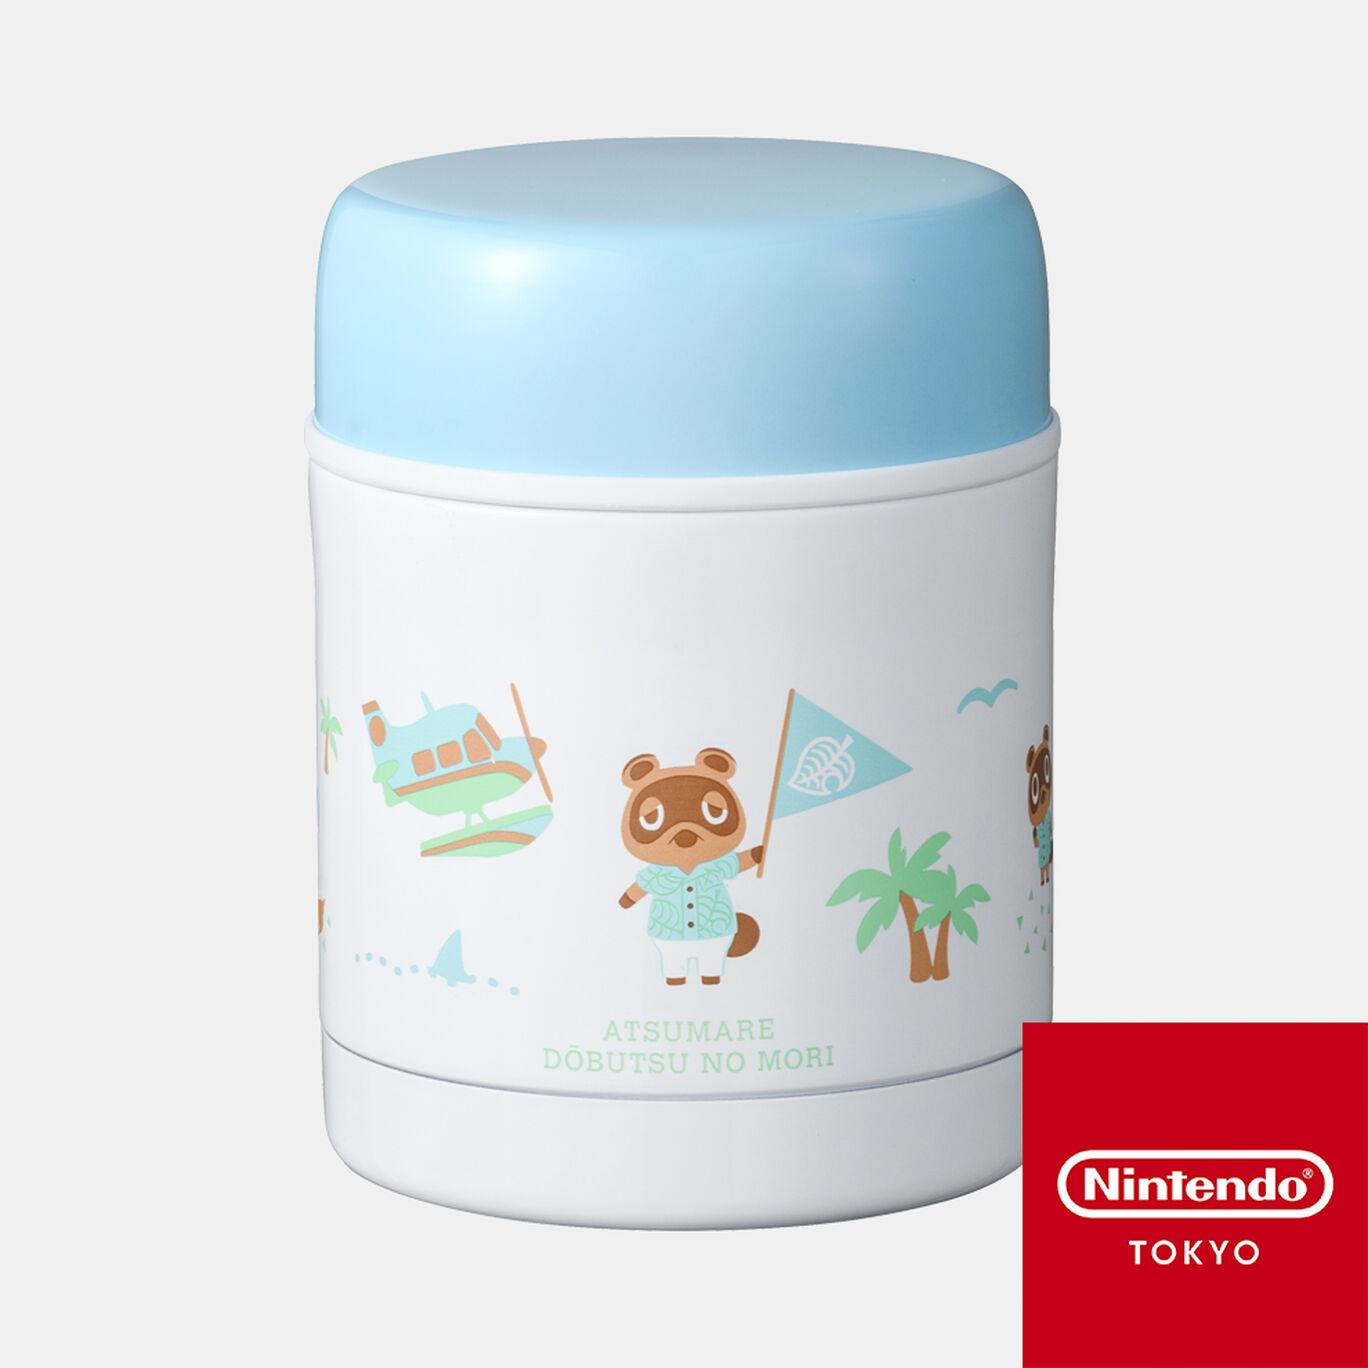 スープジャー あつまれ どうぶつの森【Nintendo TOKYO取り扱い商品】